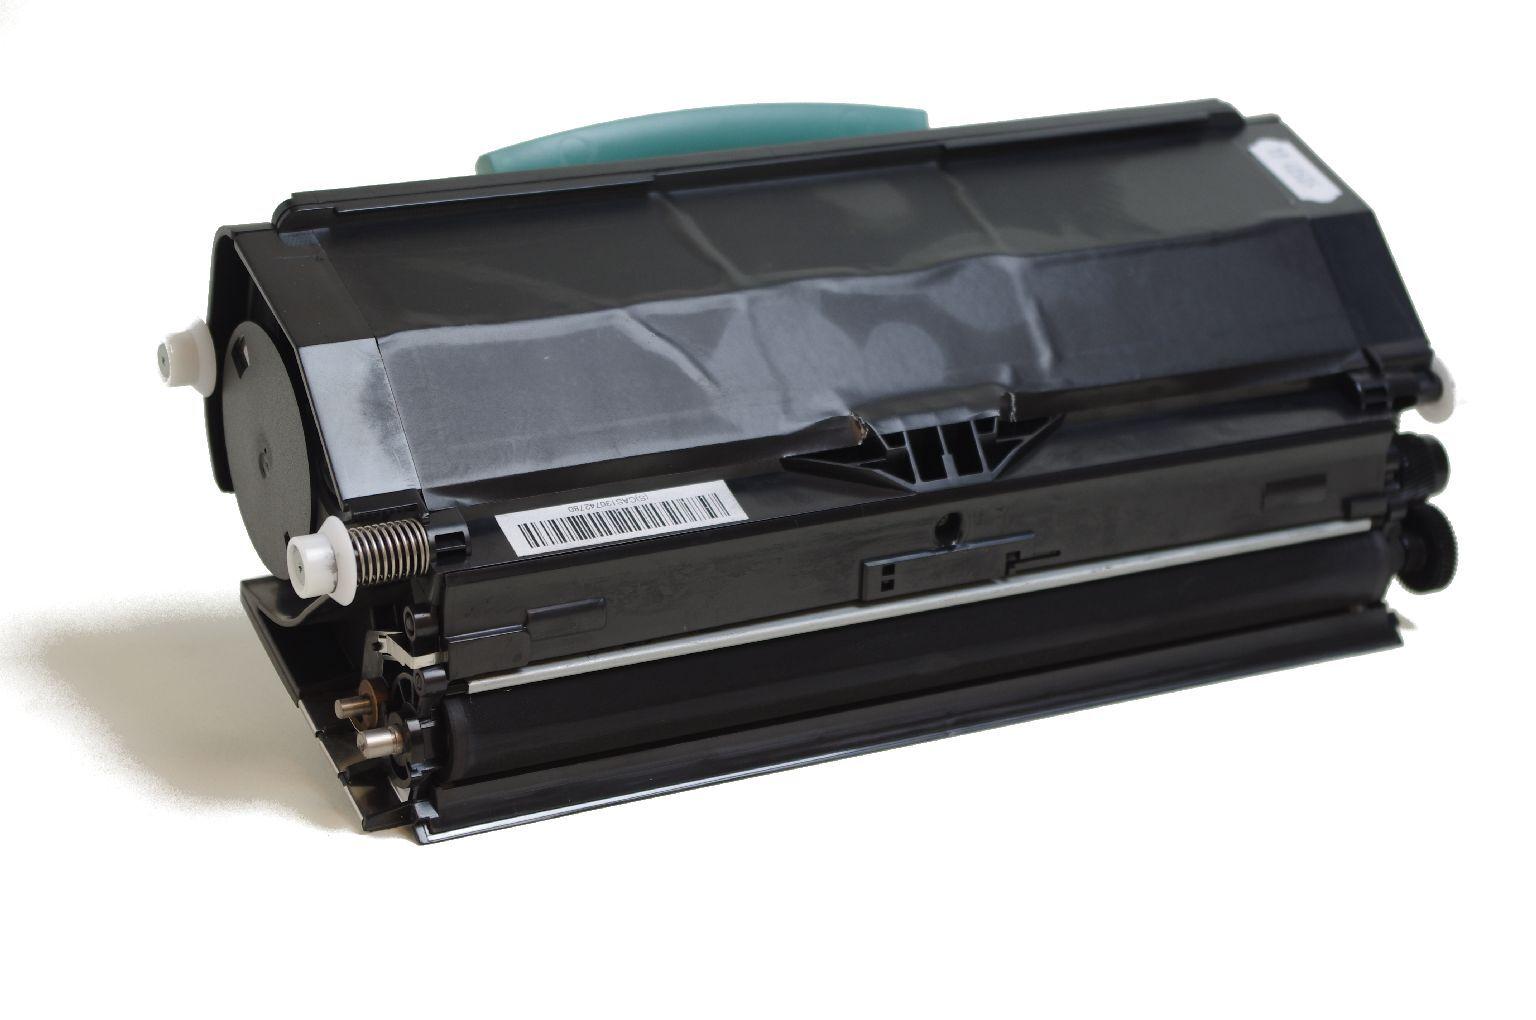 Dell Cartouche de Toner pour Dell 59310839 / U903R noir compatible (de marque ASC)